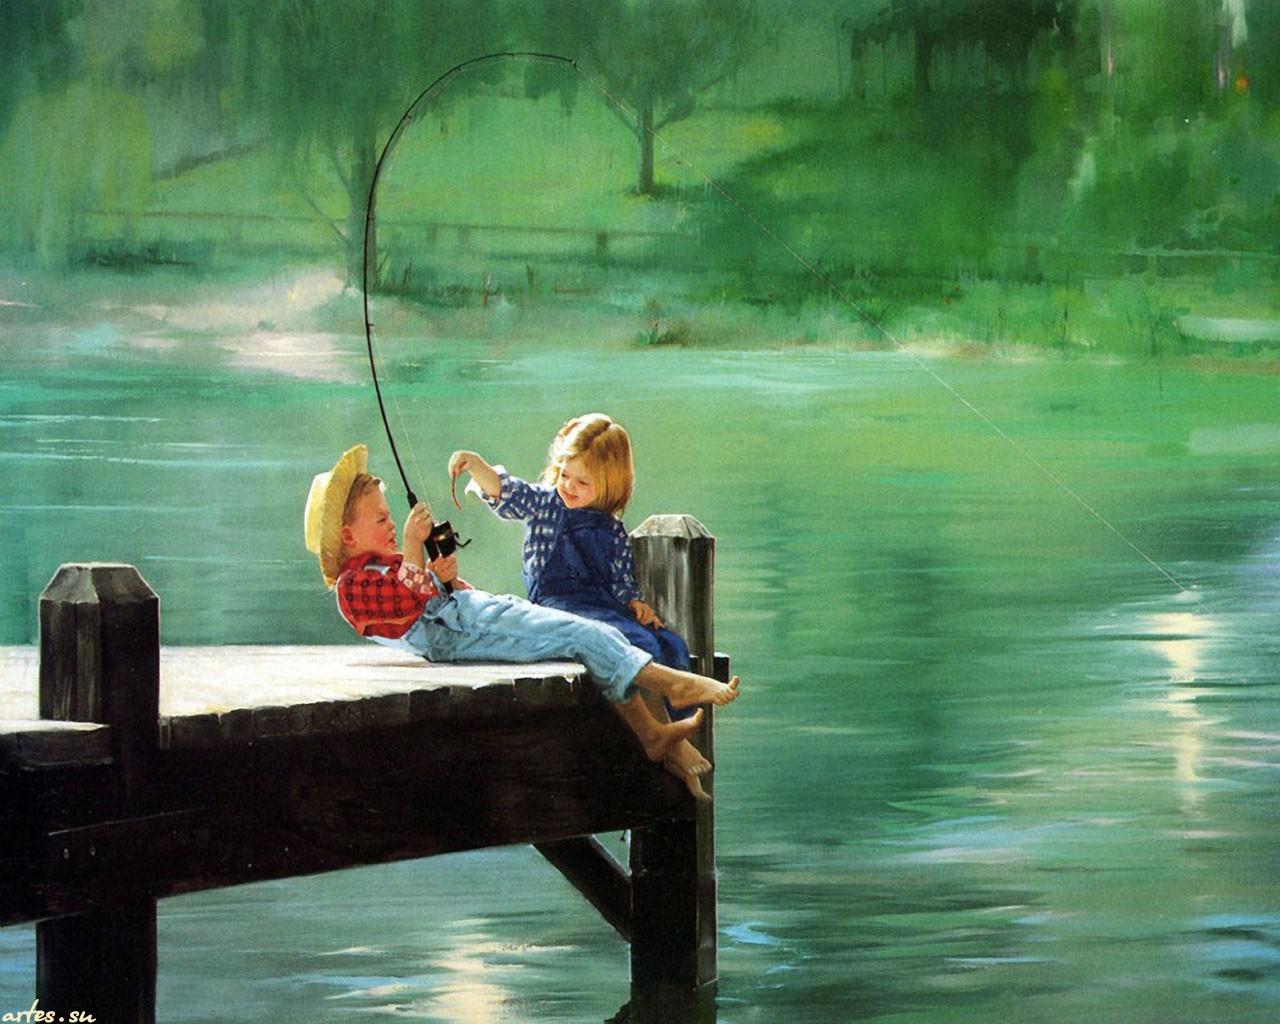 картинка мальчик с девочкой ловят рыбу